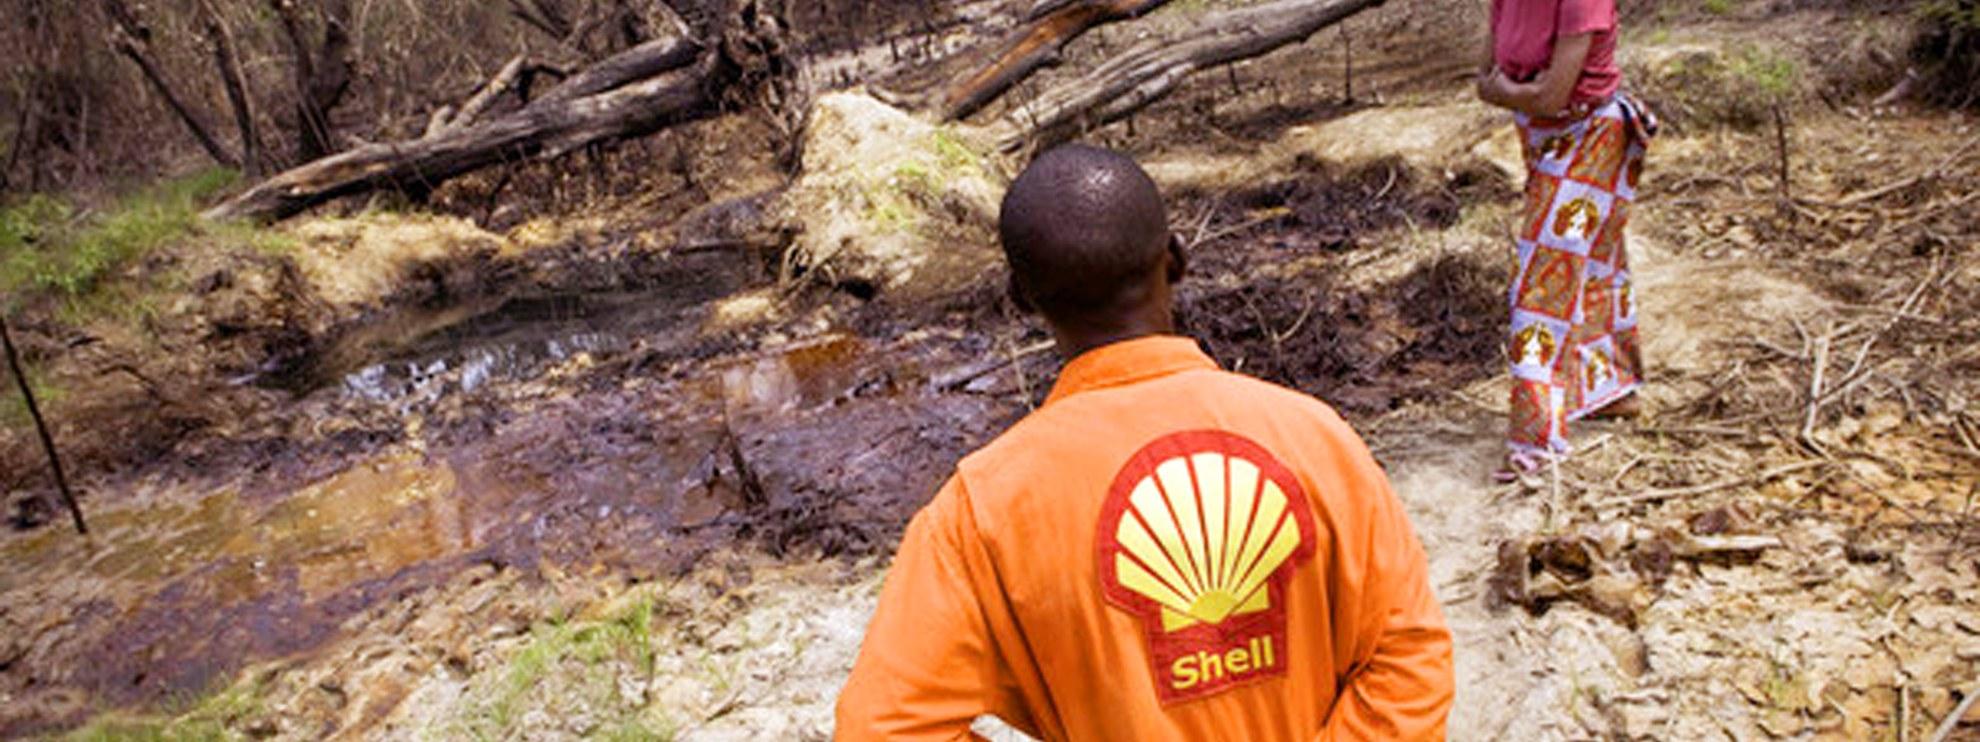 Sur le bord d'un champ pollué par du pétrole à Iwhrekan, Delta du Niger, 25 février 2008. © Kadir van Lohuizen/NOOR